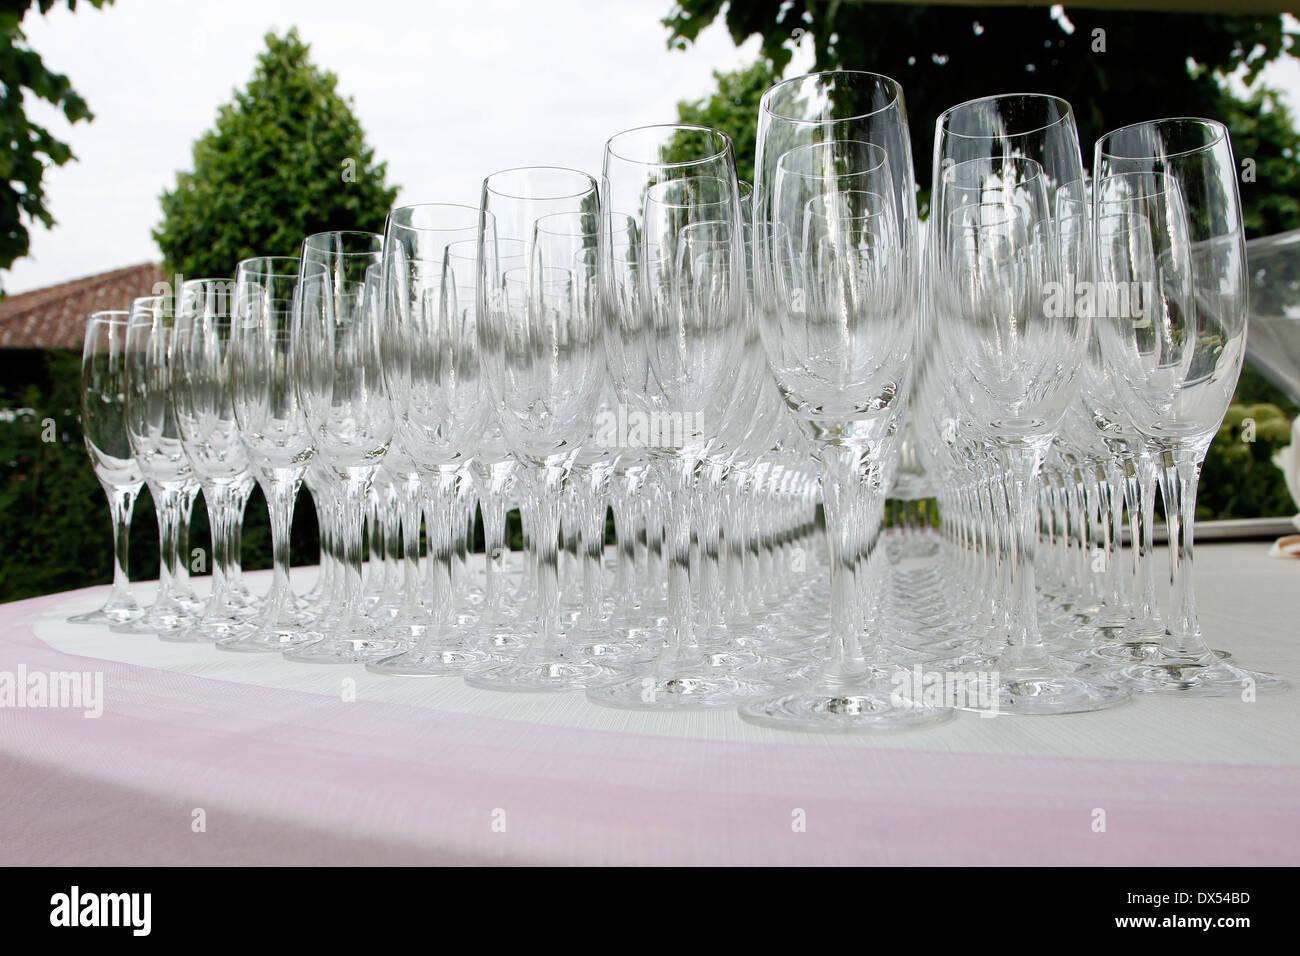 Bicchieri di vino allineate su un tavolo Immagini Stock